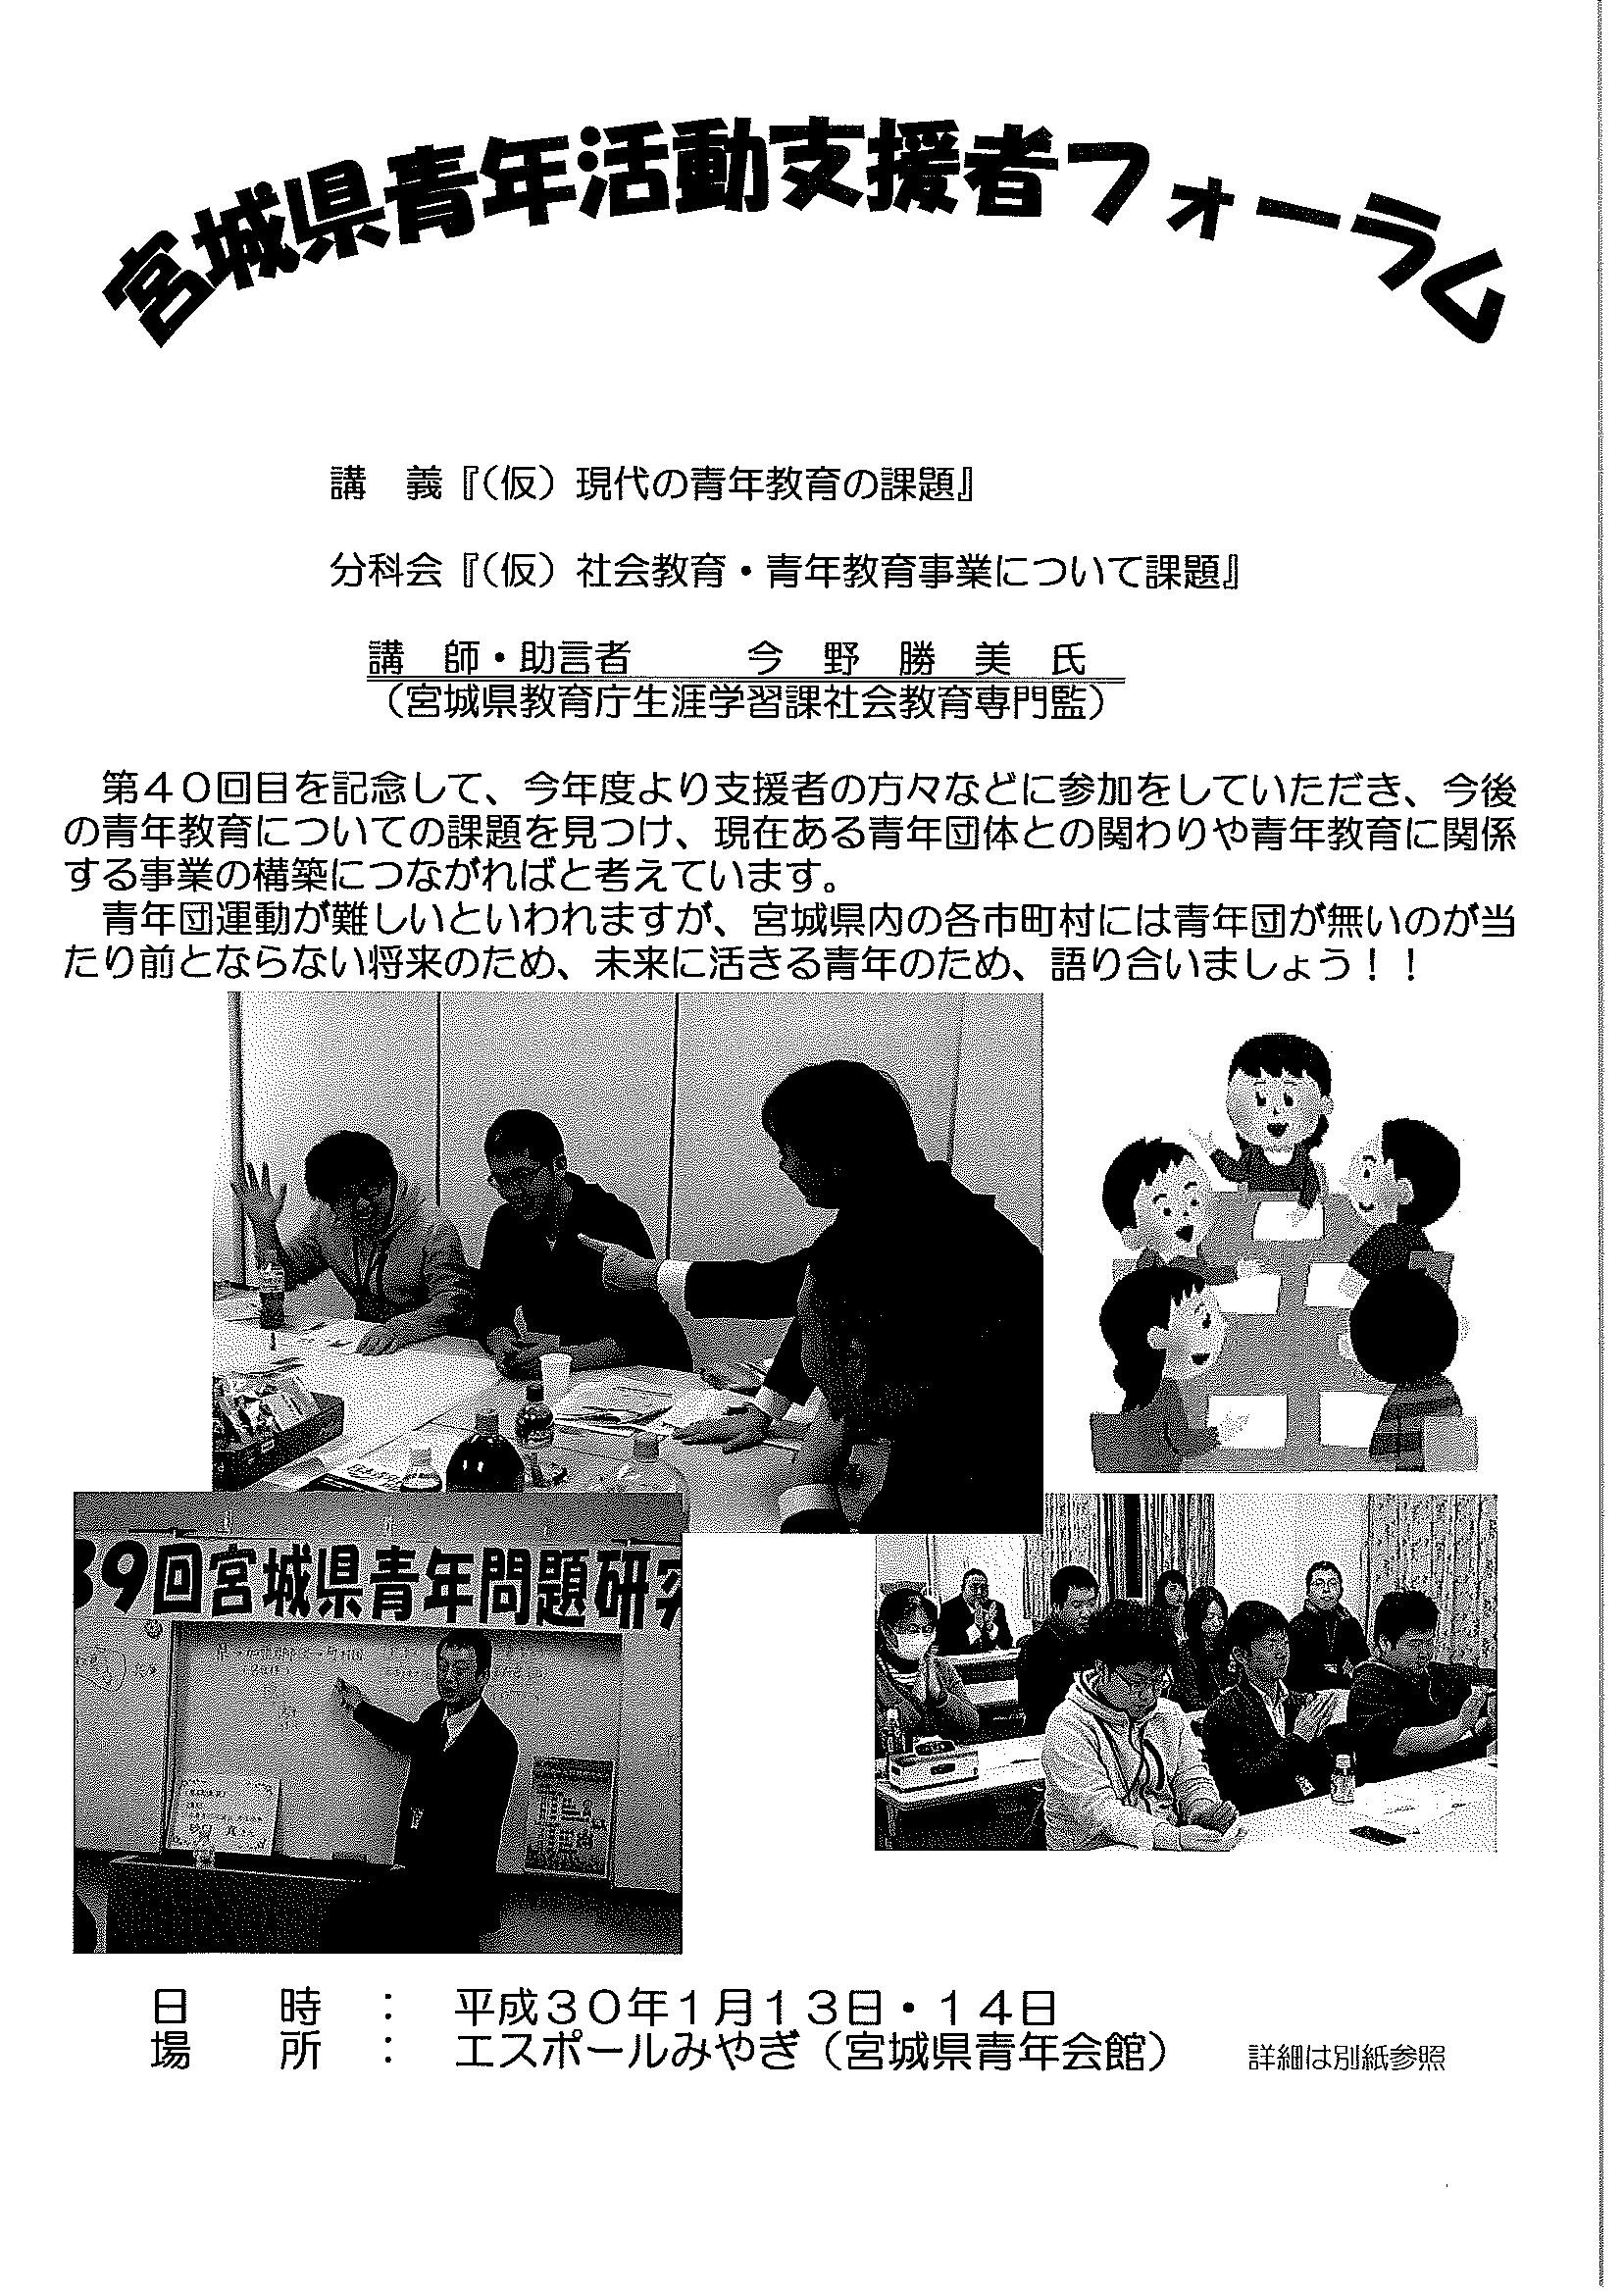 平成29年度支援者フォーラムチラシ